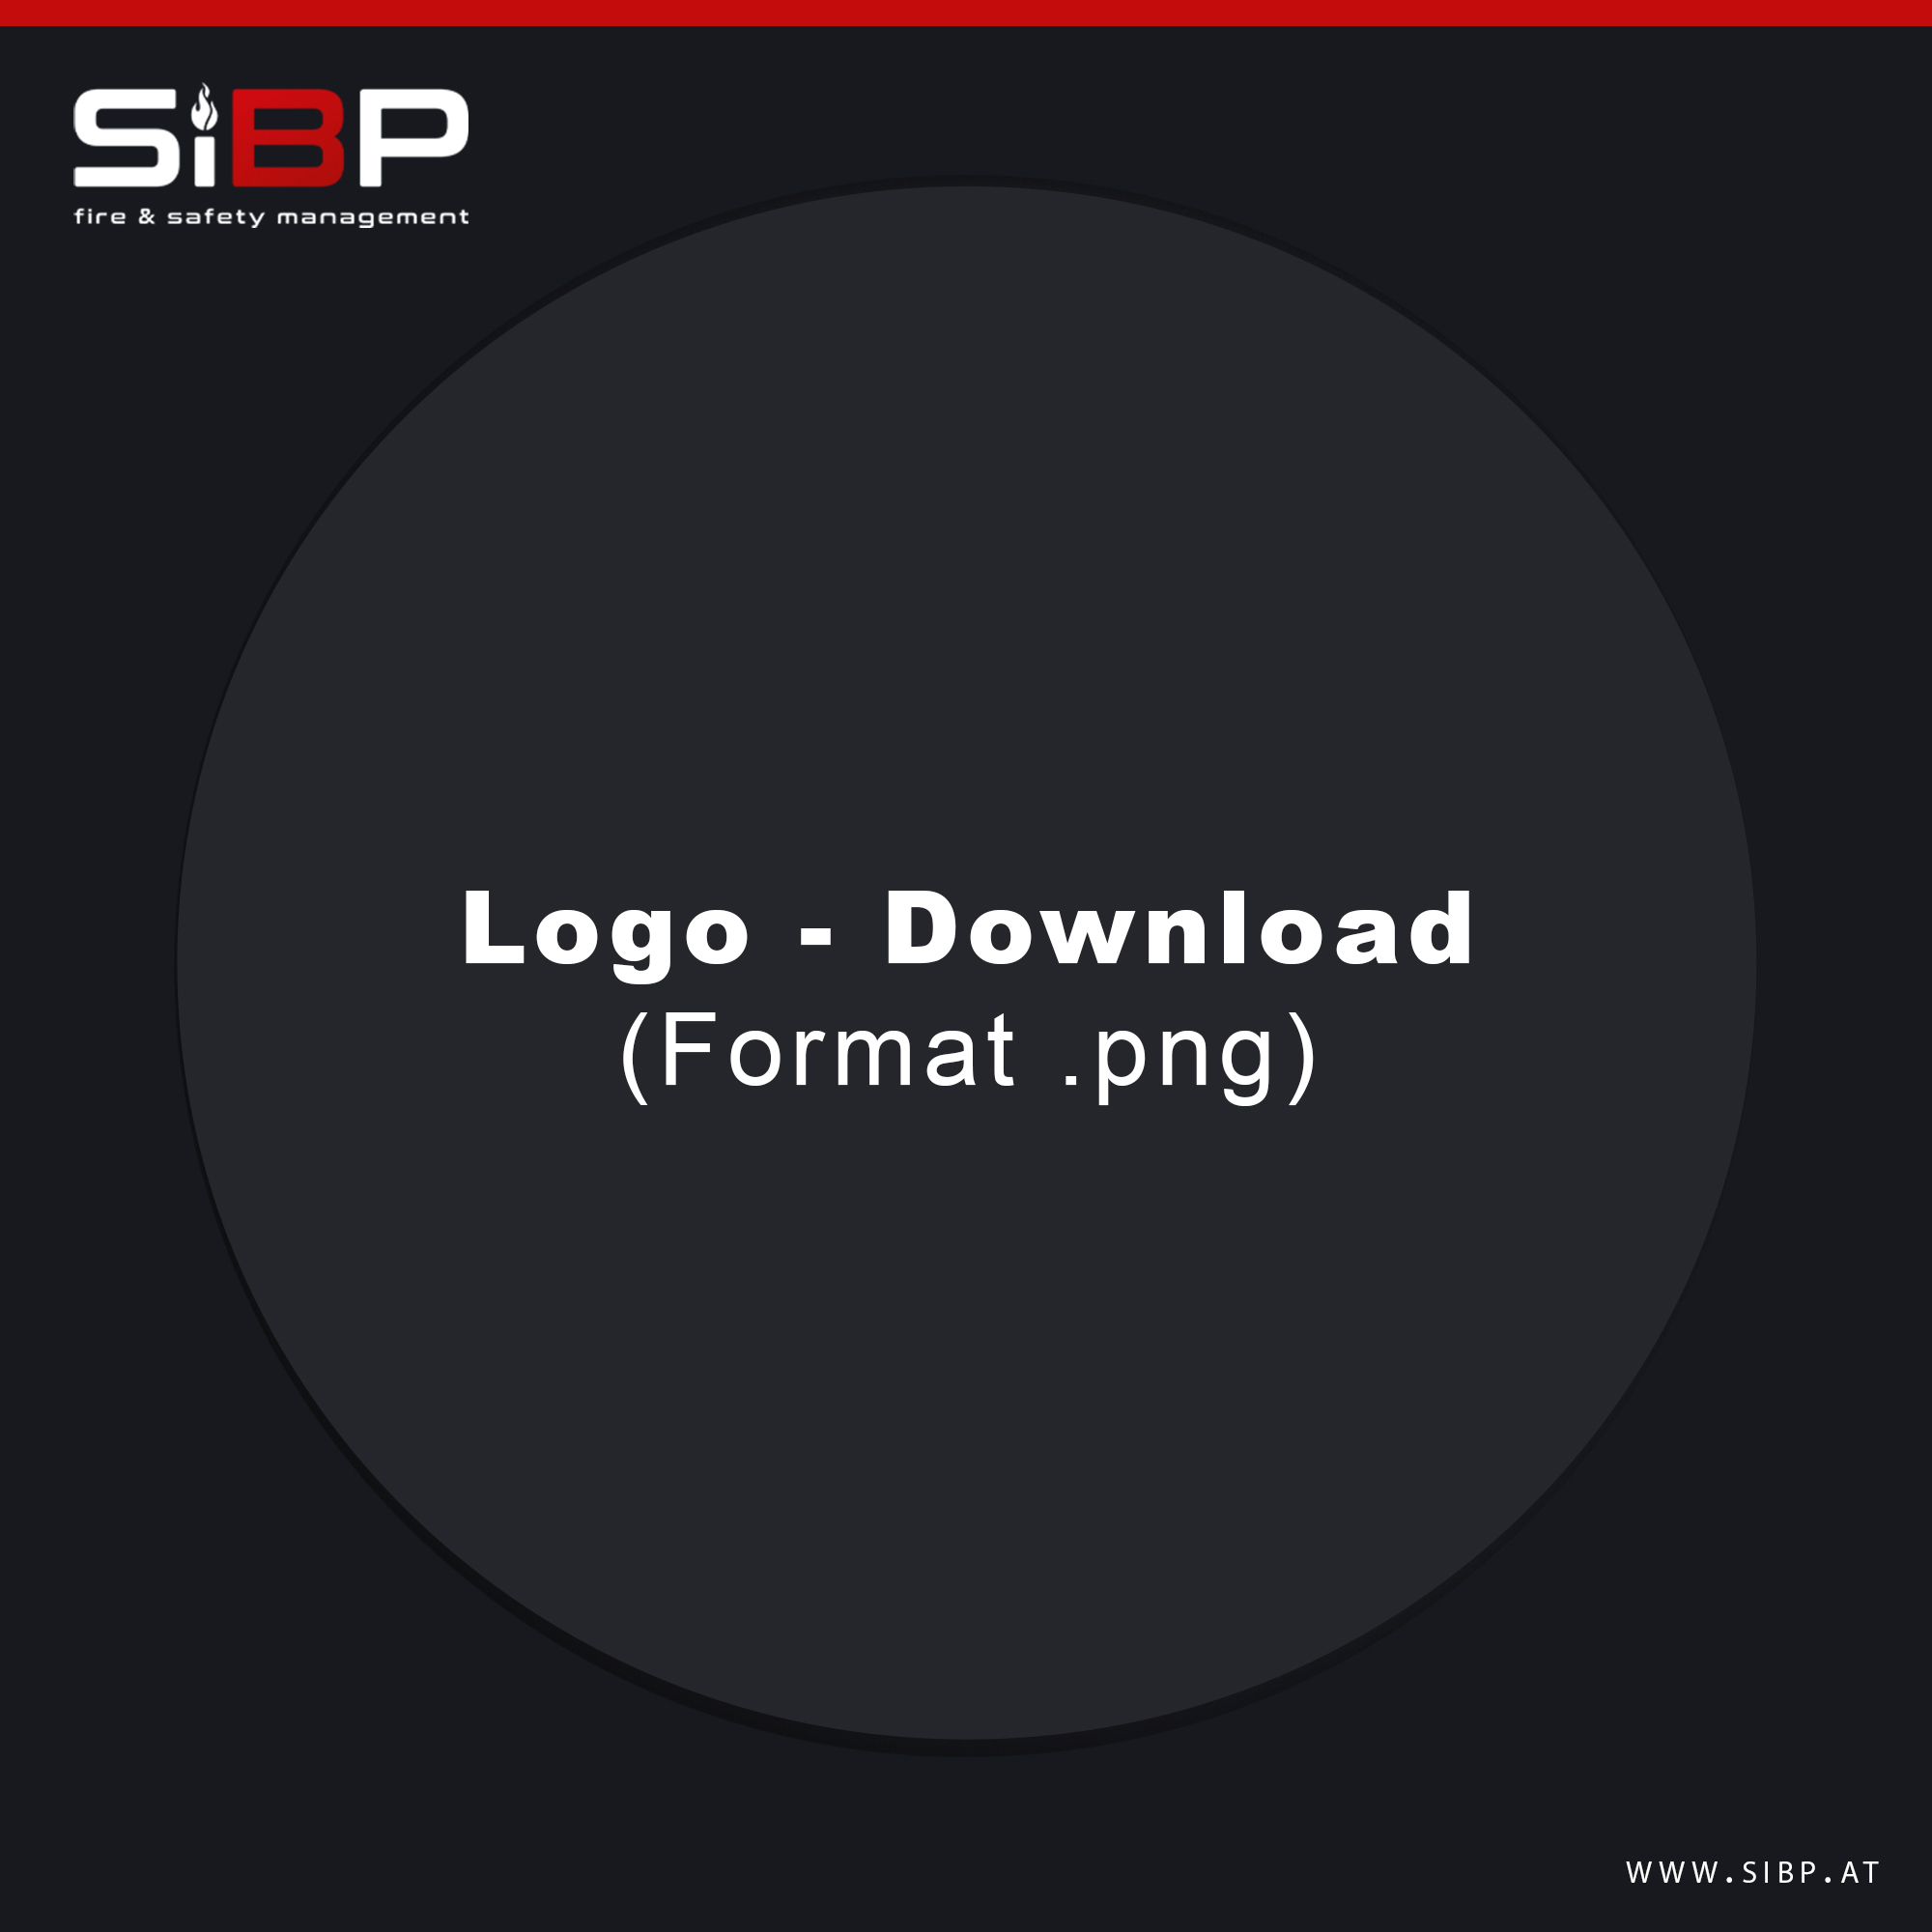 Download LOGO (.png)